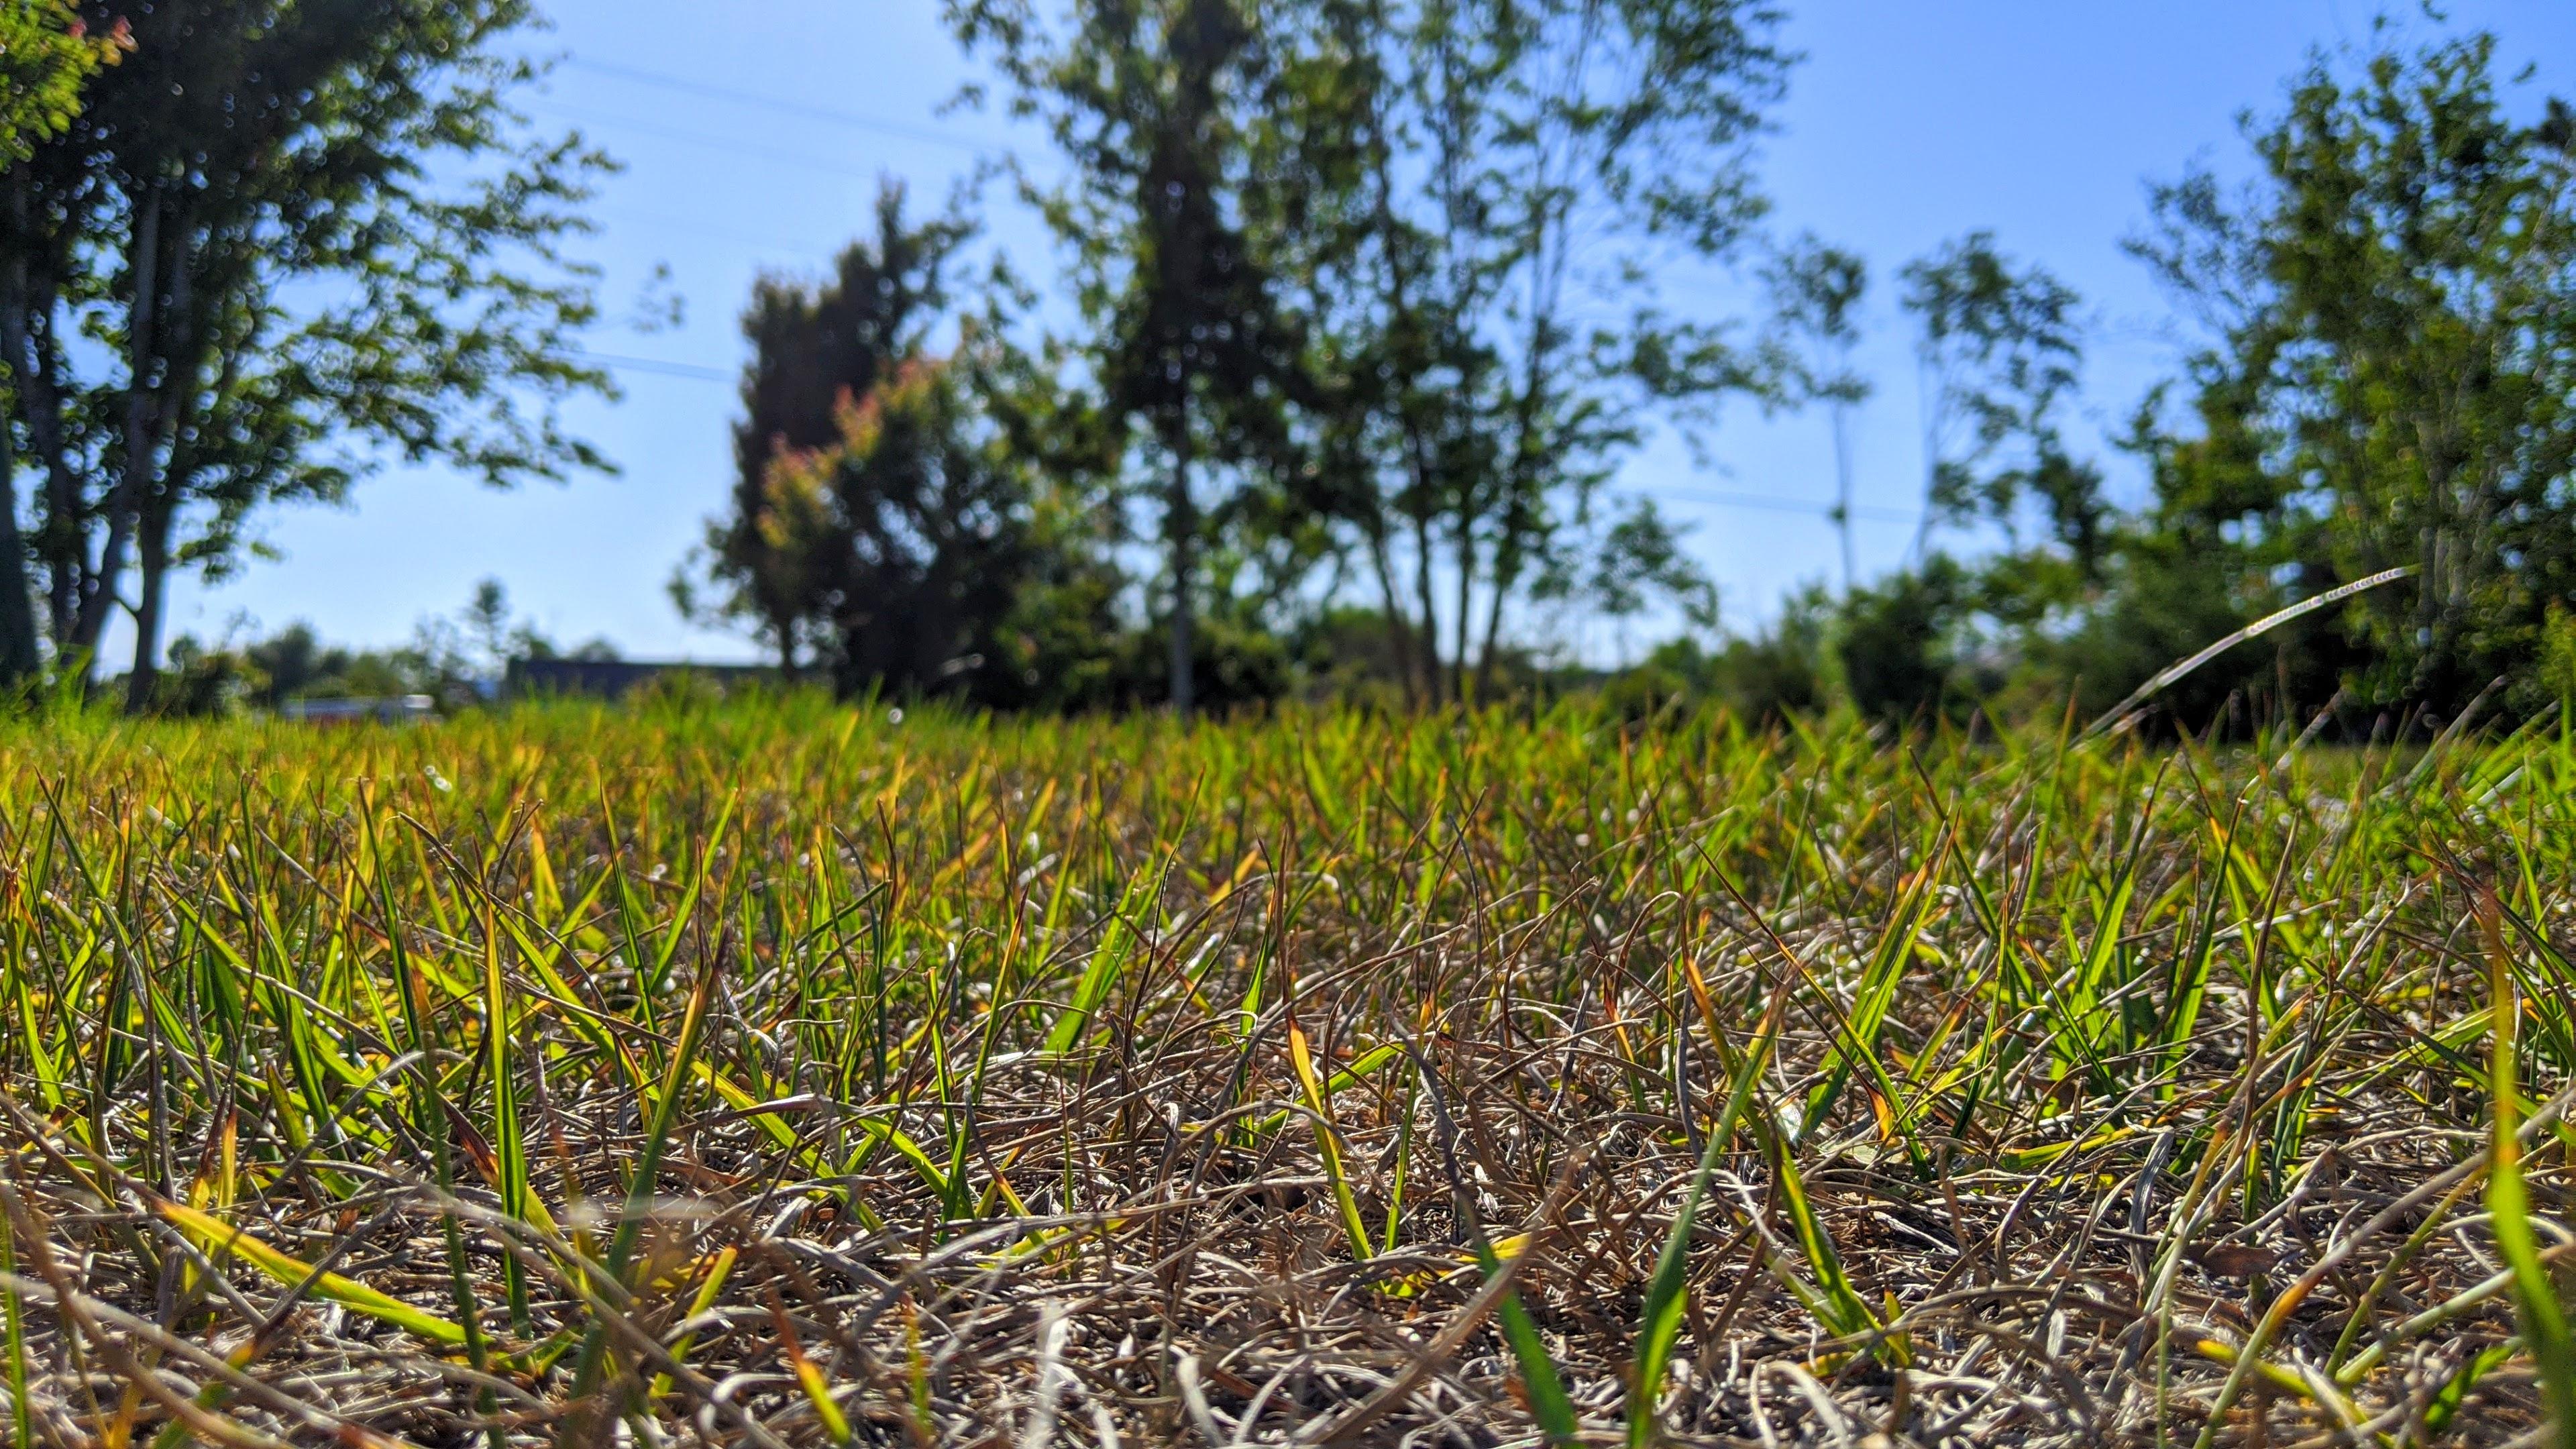 HomeDabbler | Dry grass in yard